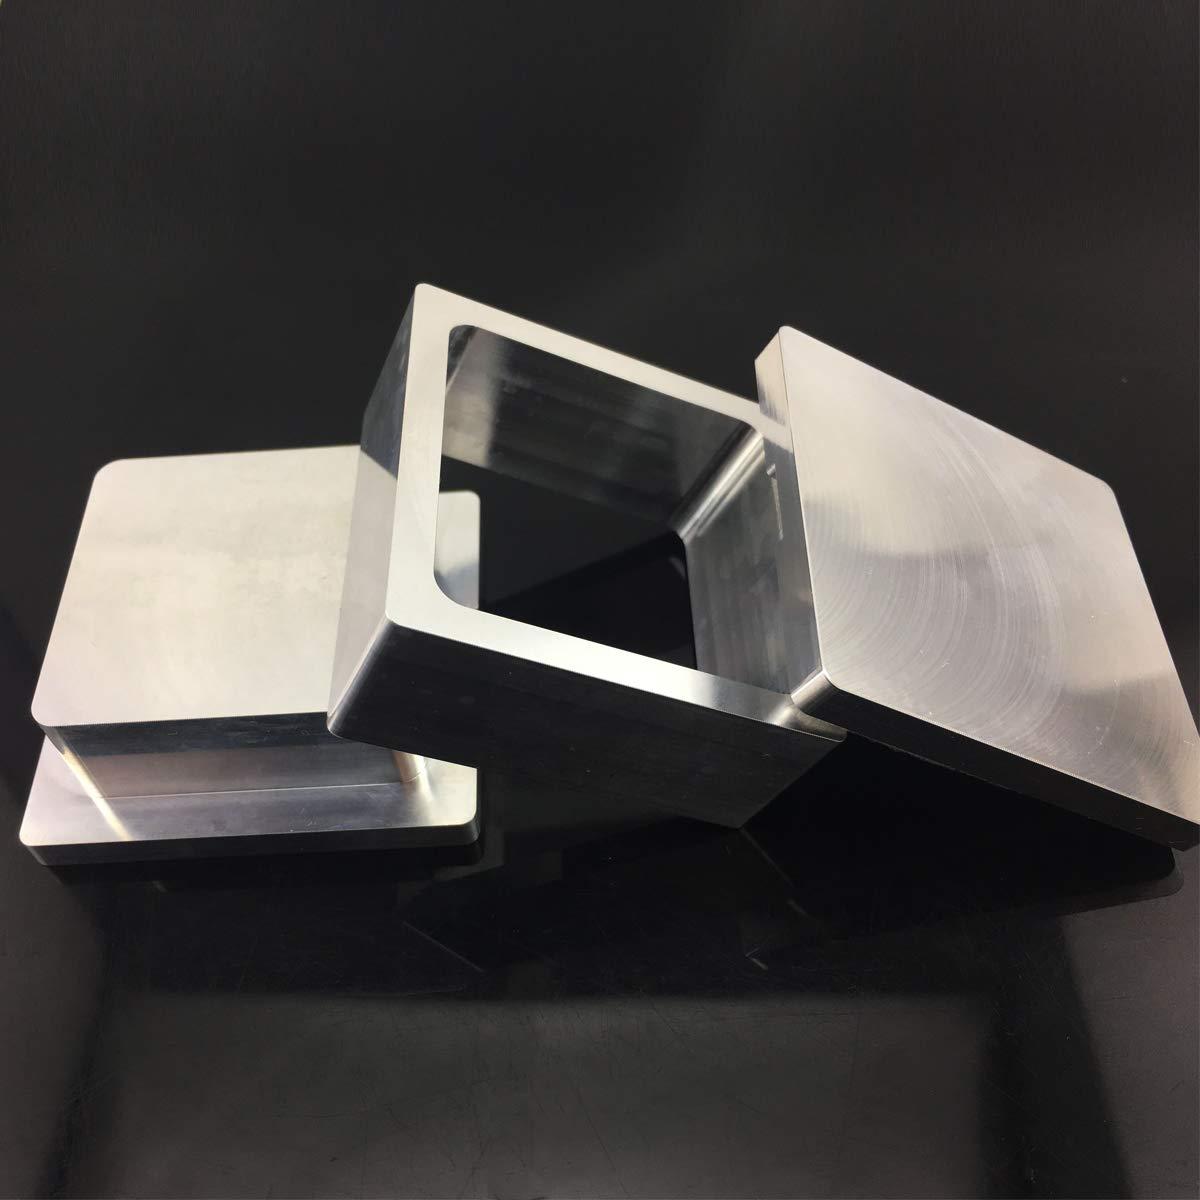 2.5x2.5 Pre Press Mold Oniche Pre Press Mold 2.5x2.5inch Flower Pressing Pre-Press Mold 2.5 X 2.5 Extraction 6061 Aluminum Mold